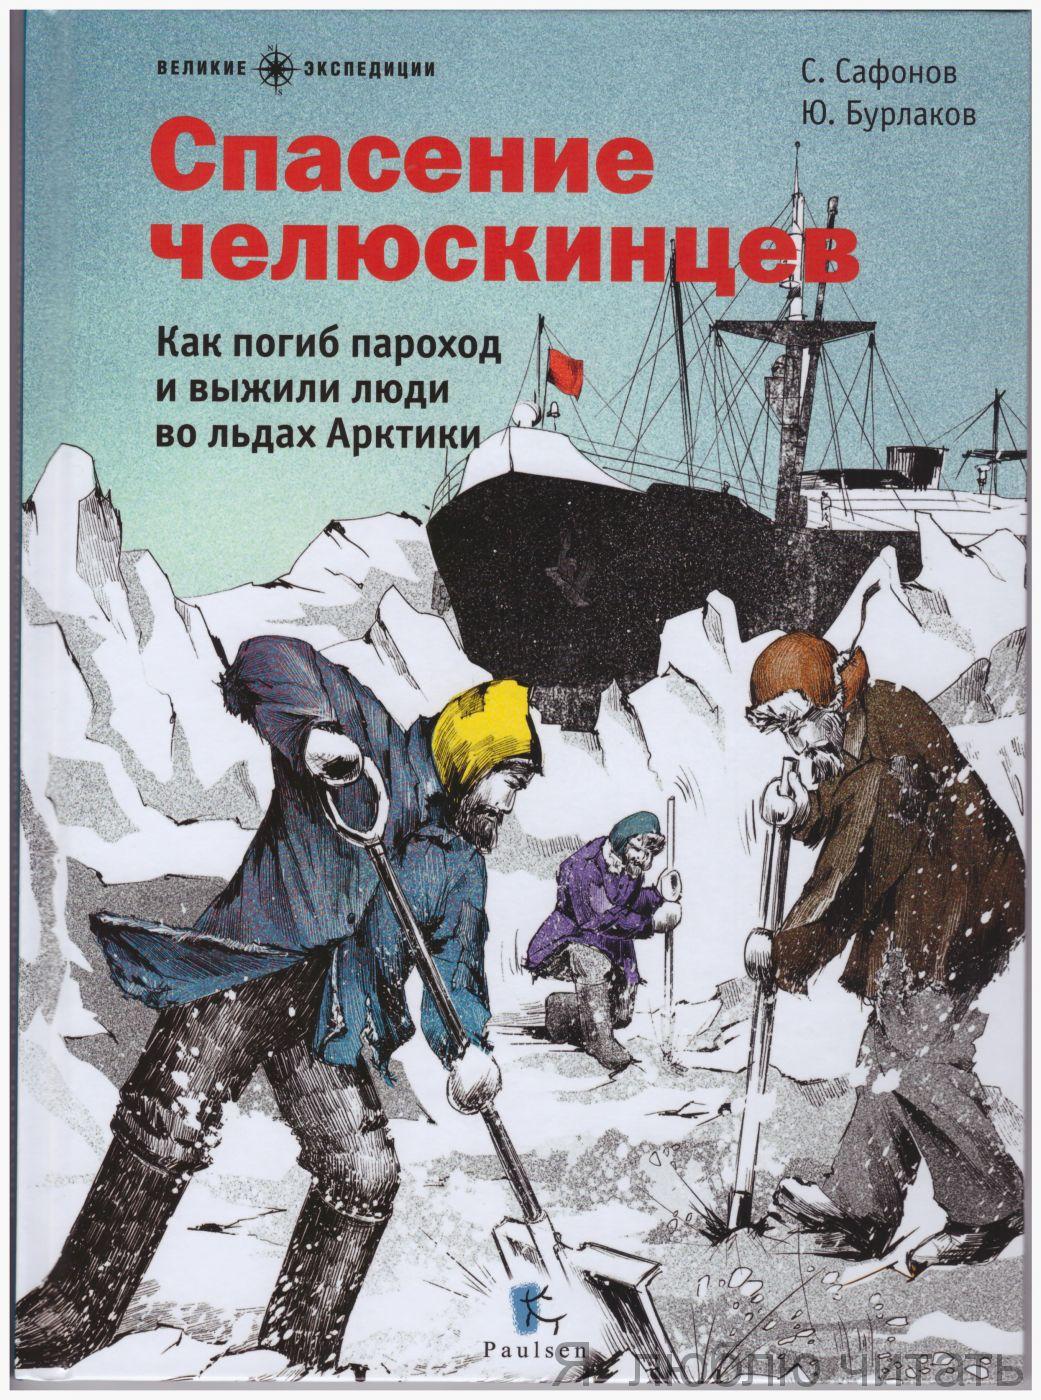 Спасение челюскинцев. Как погиб пароход и выжили люди во льдах Арктики